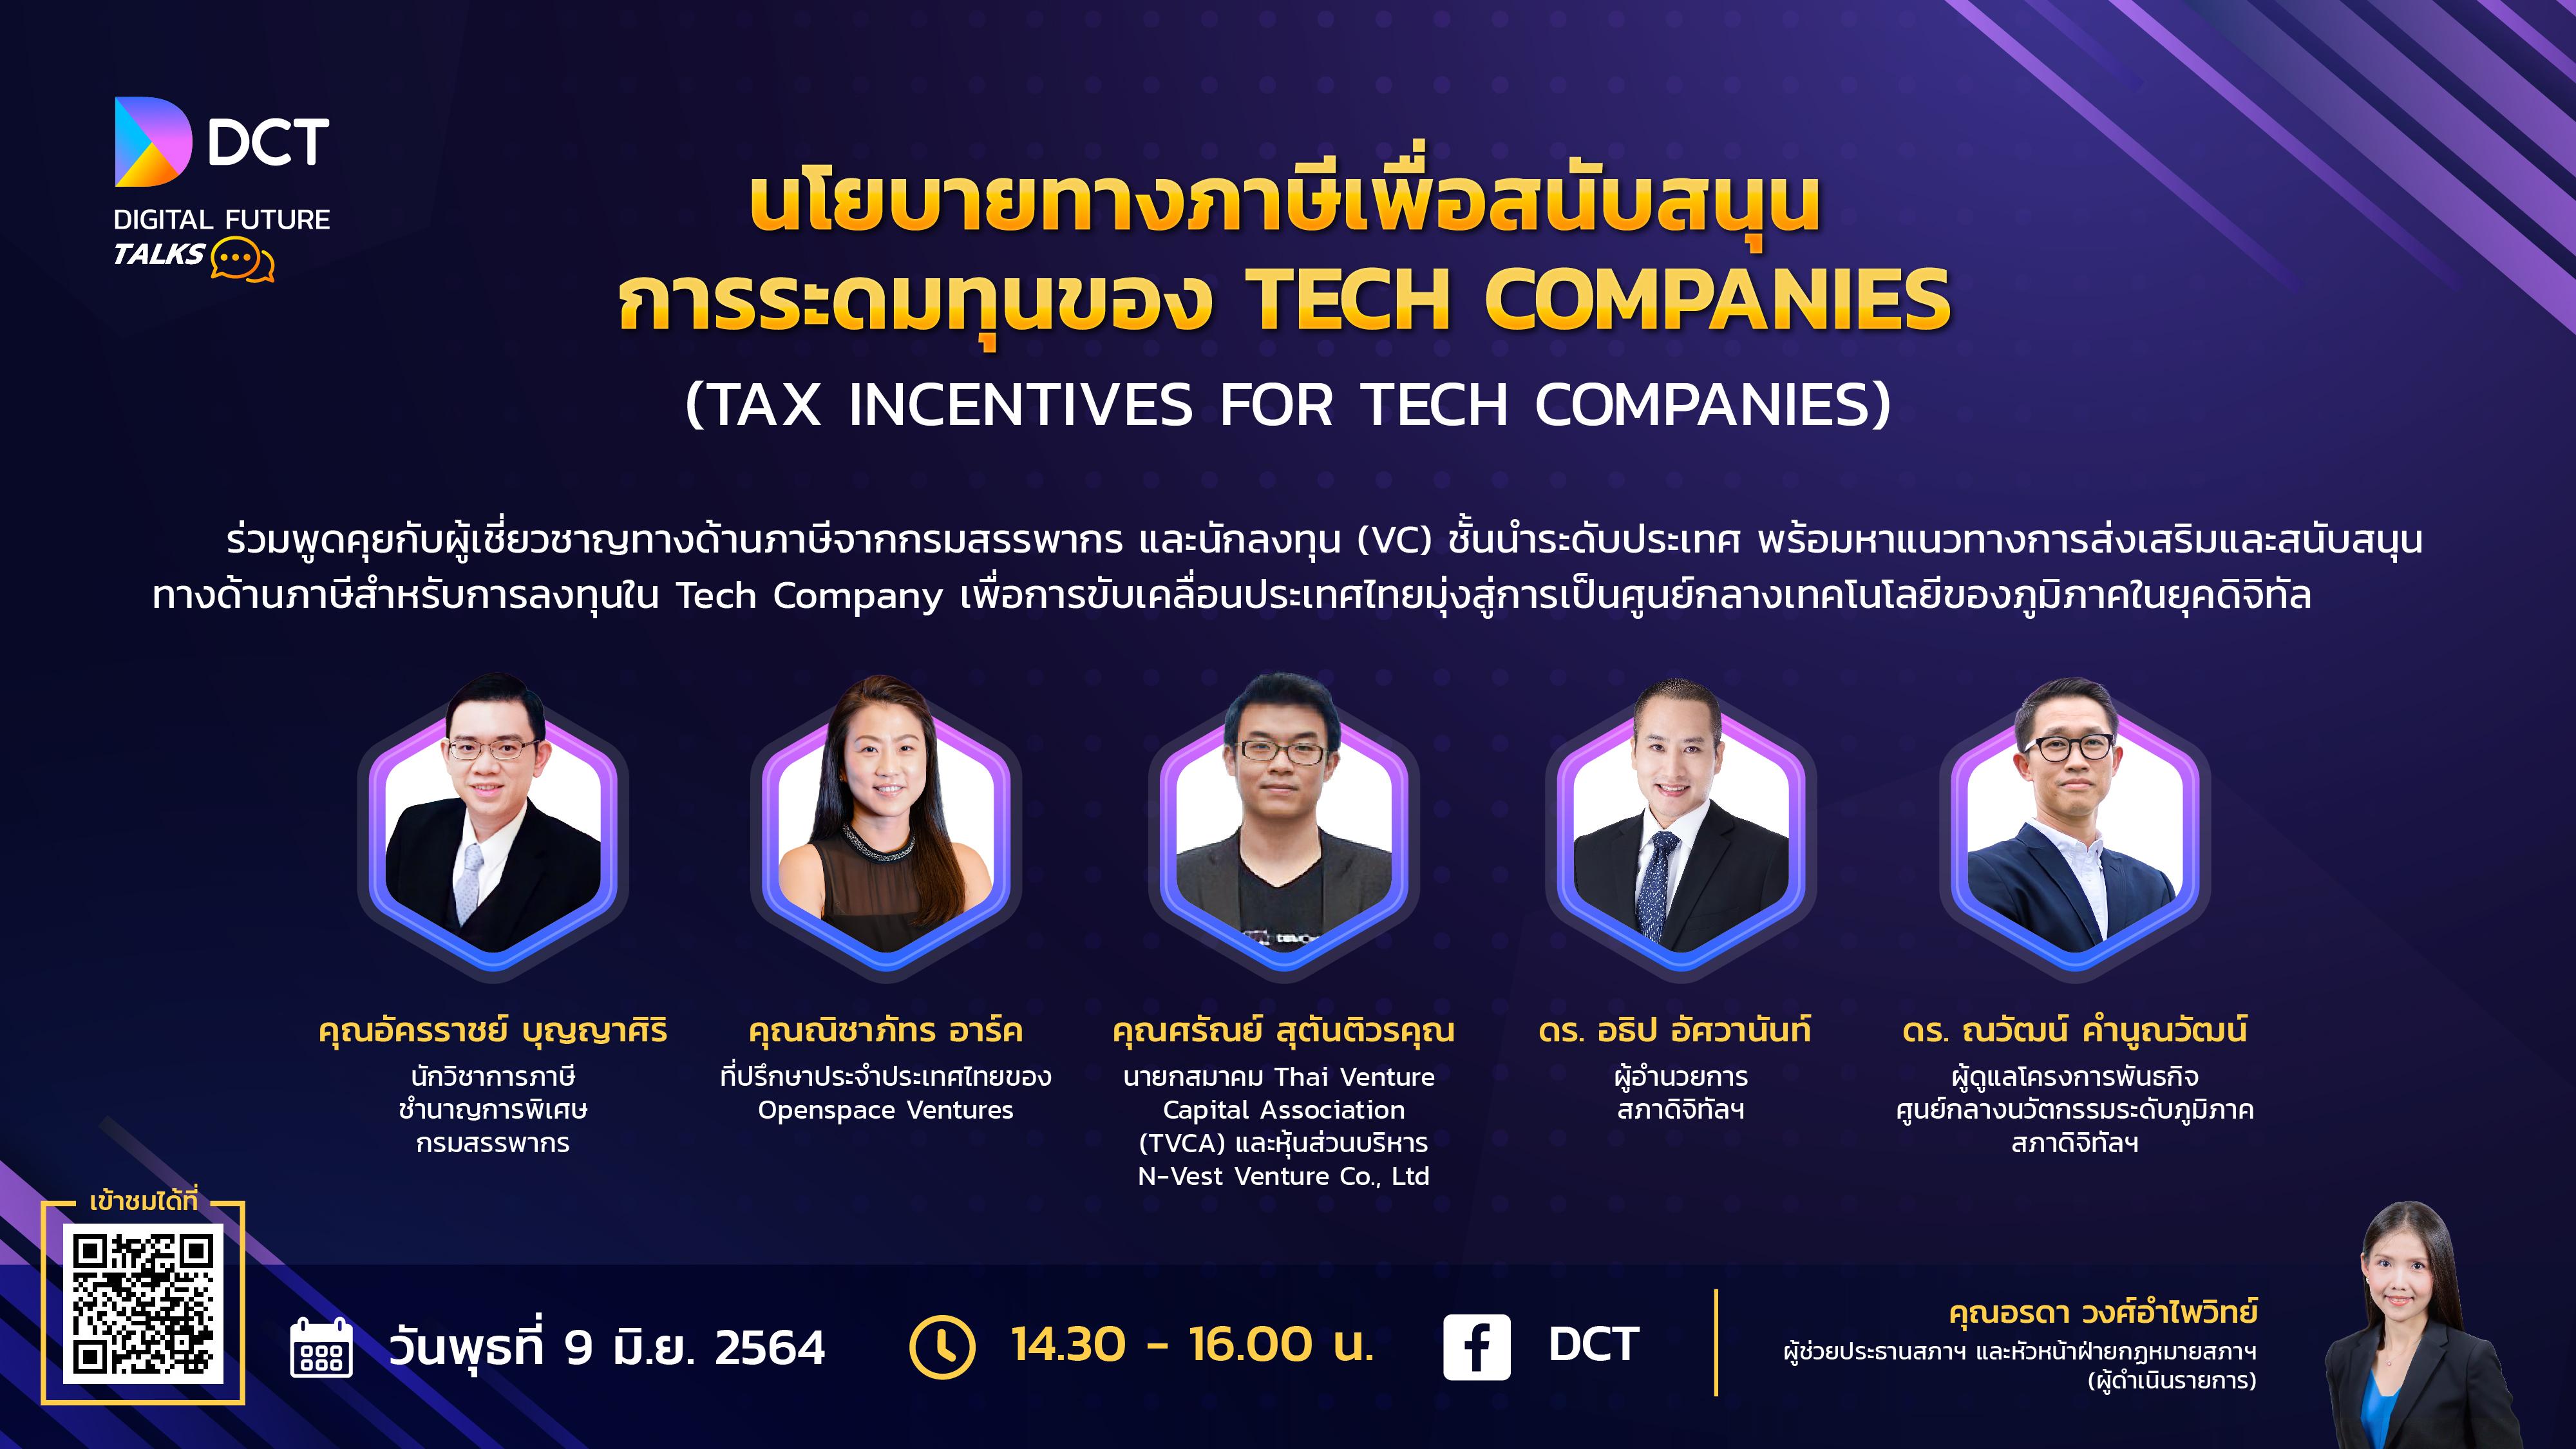 สภาดิจิทัลฯ เดินหน้าผลักดันไทยก้าวสู่ศูนย์กลางเศรษฐกิจโลก